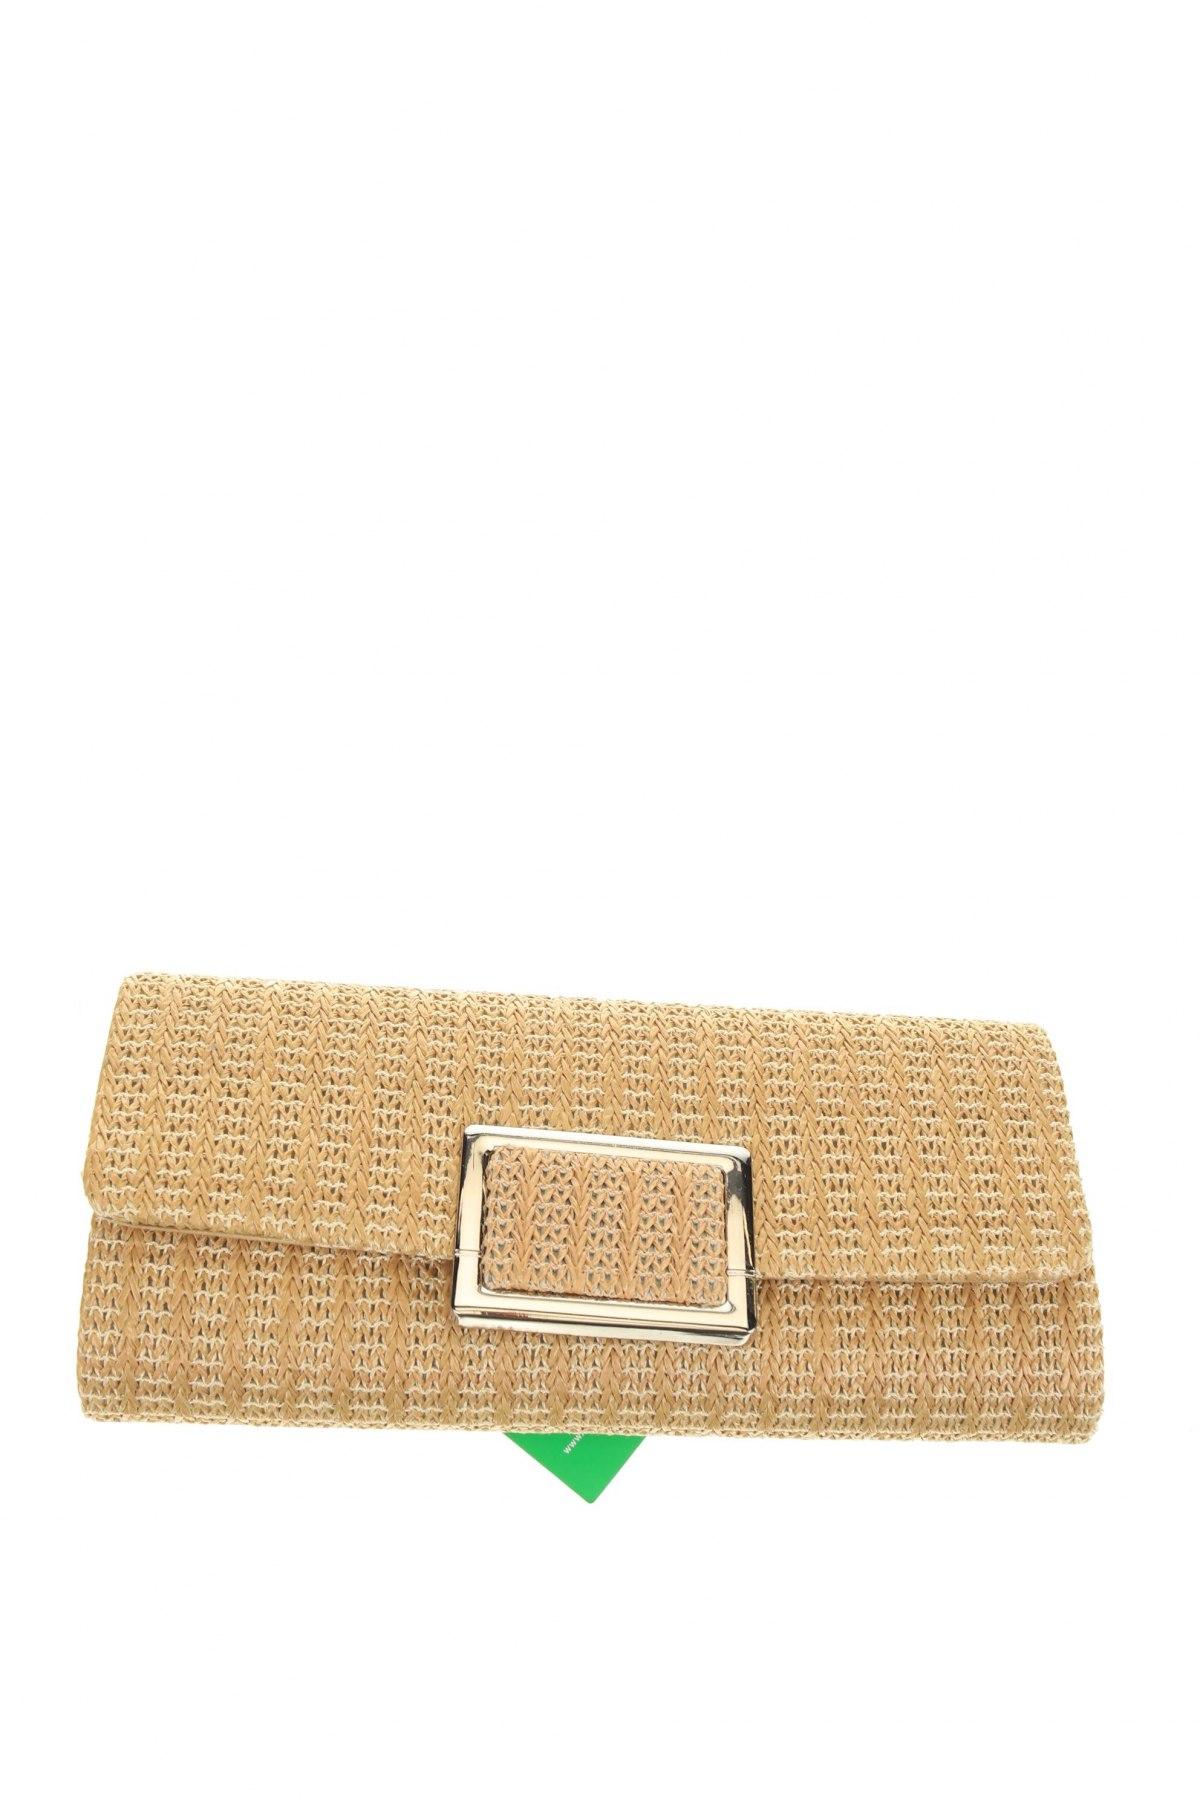 Дамска чанта Verde, Цвят Бежов, Текстил, Цена 10,03лв.